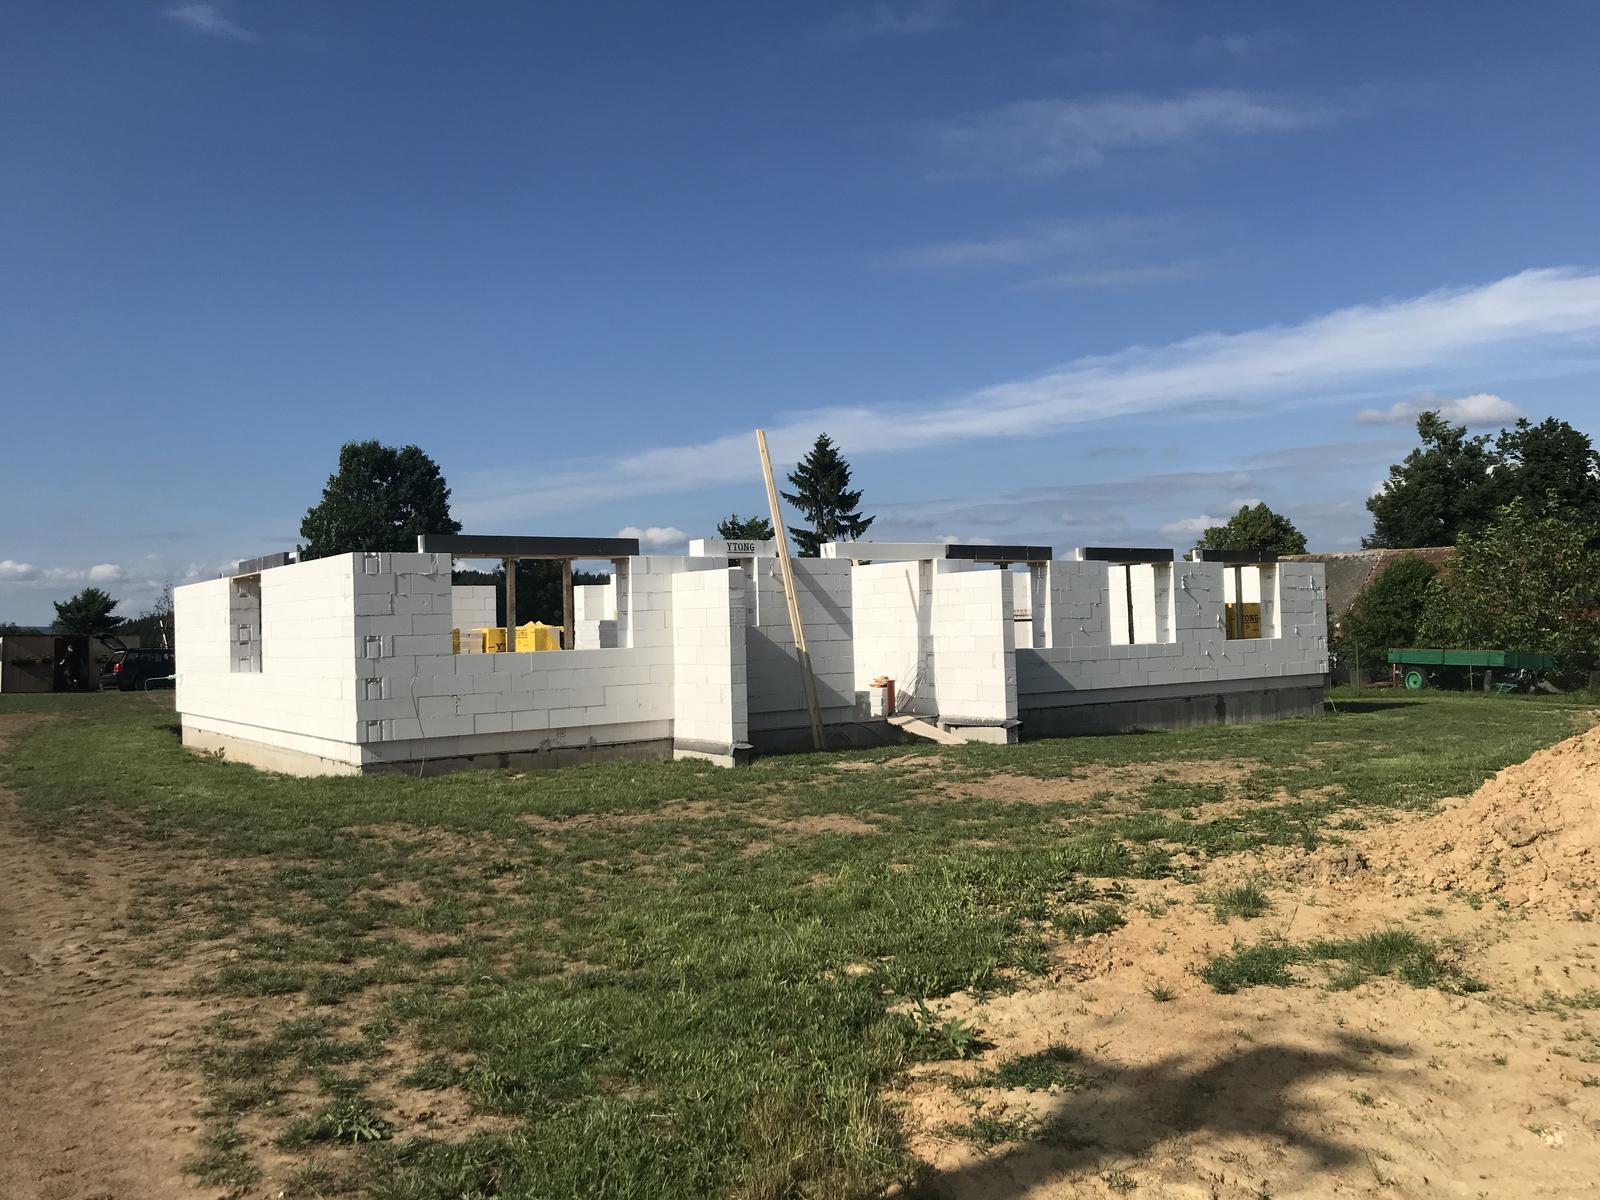 ❤️ stavba povolena ❤️ - 24.6.2019 vylite překlady nad oknama 😊